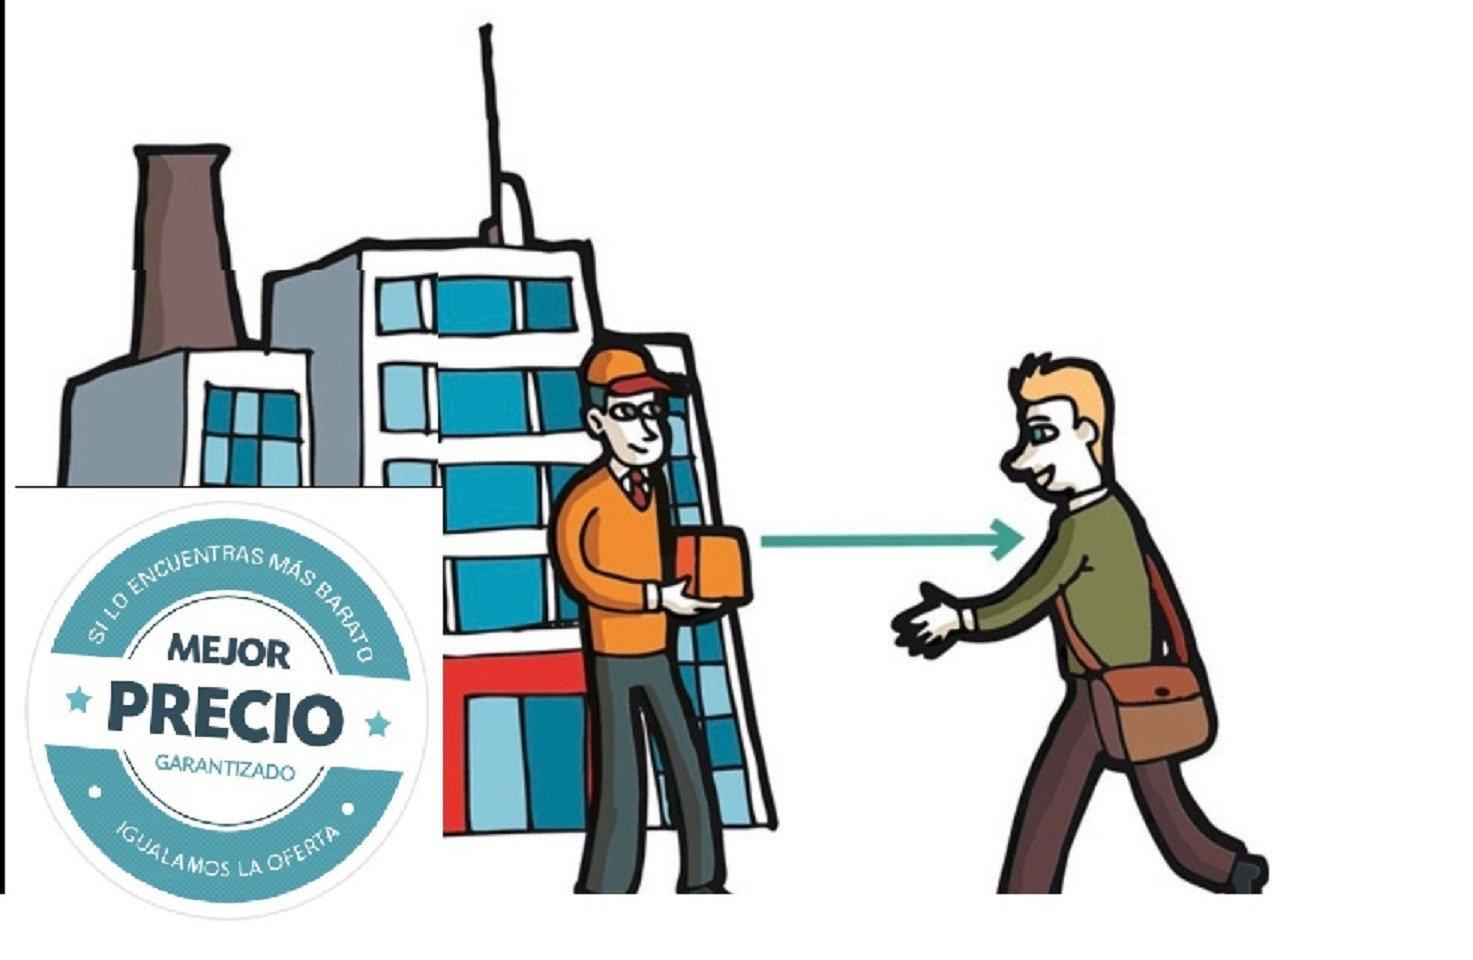 DIRECTO DE FABRICA-Somos Fabricantes desde 1963